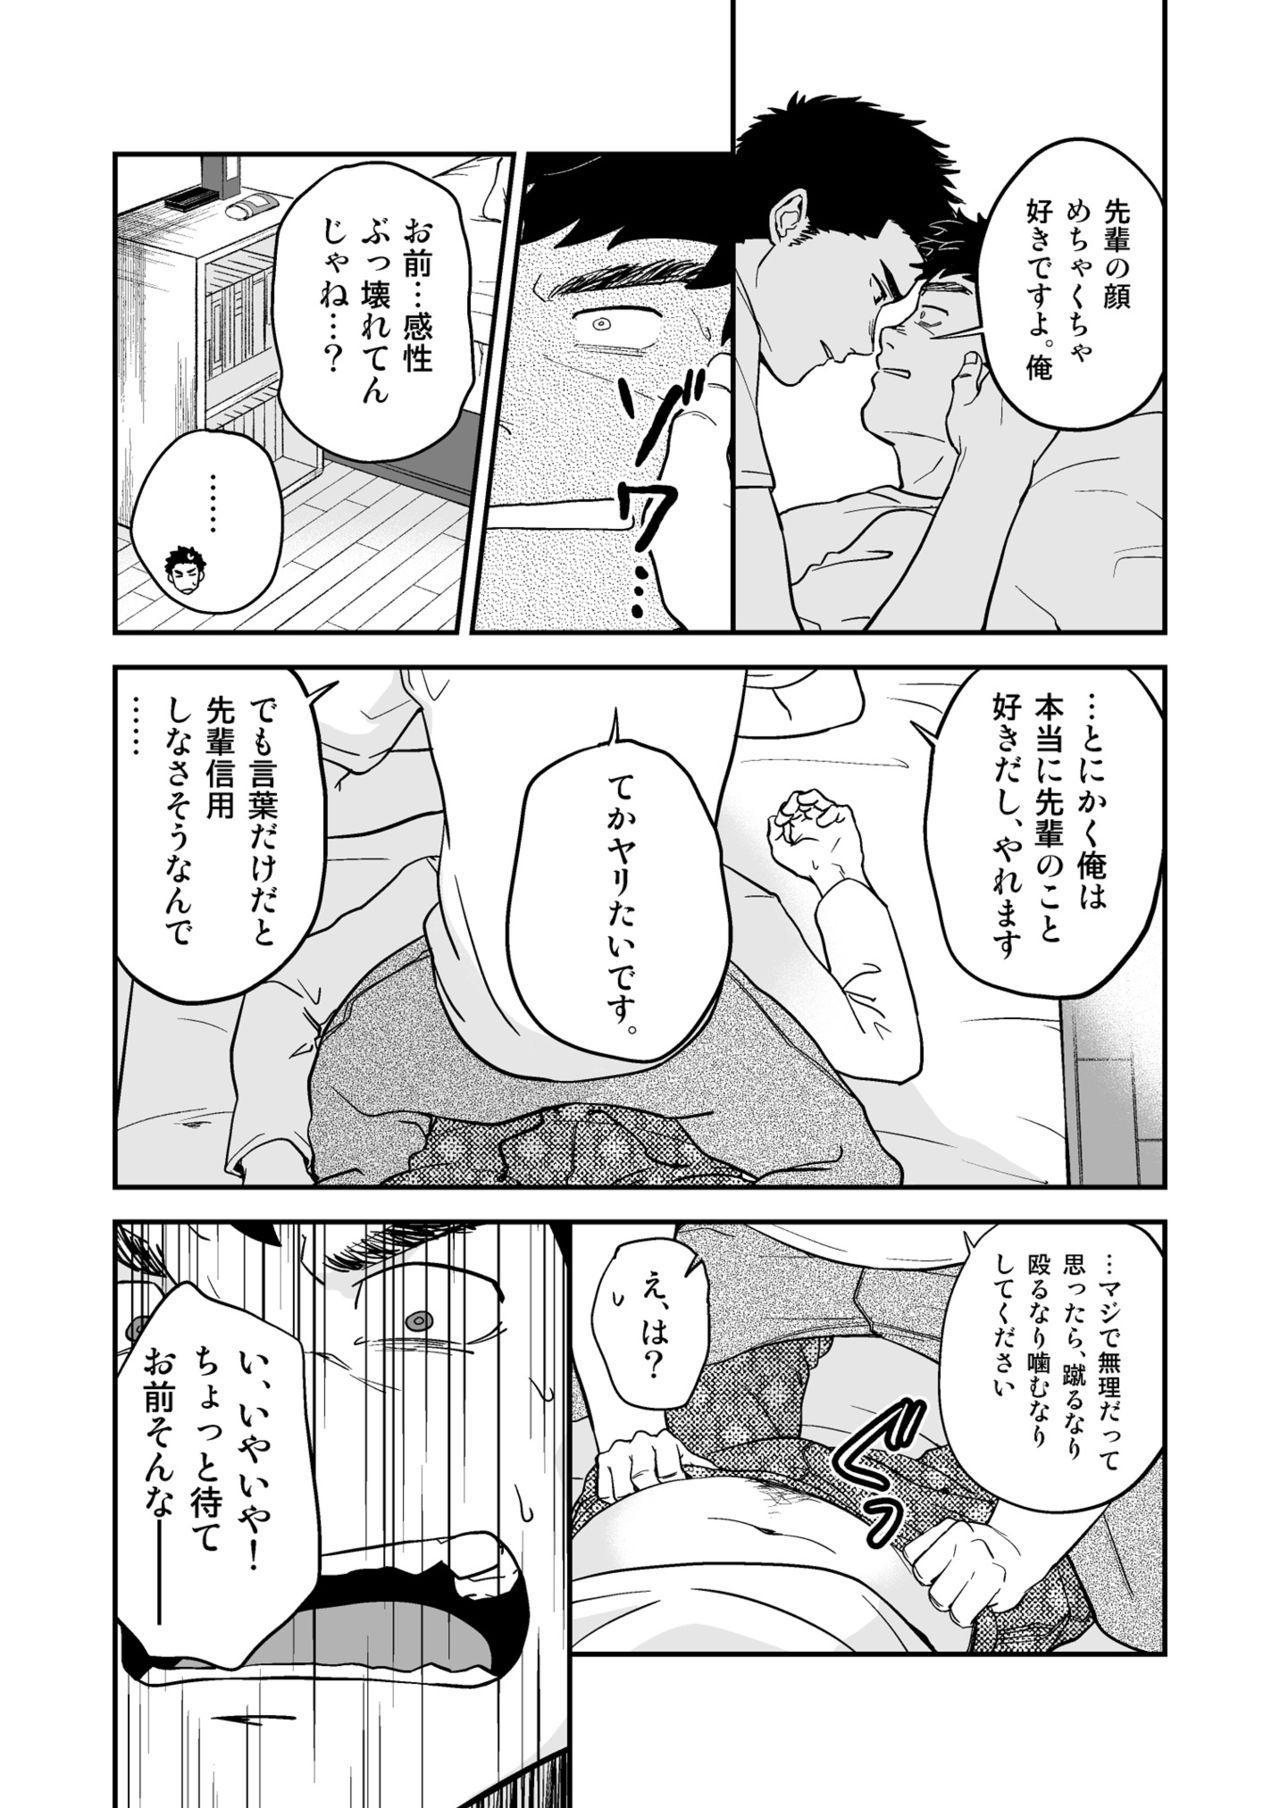 Endou to Senpai 5